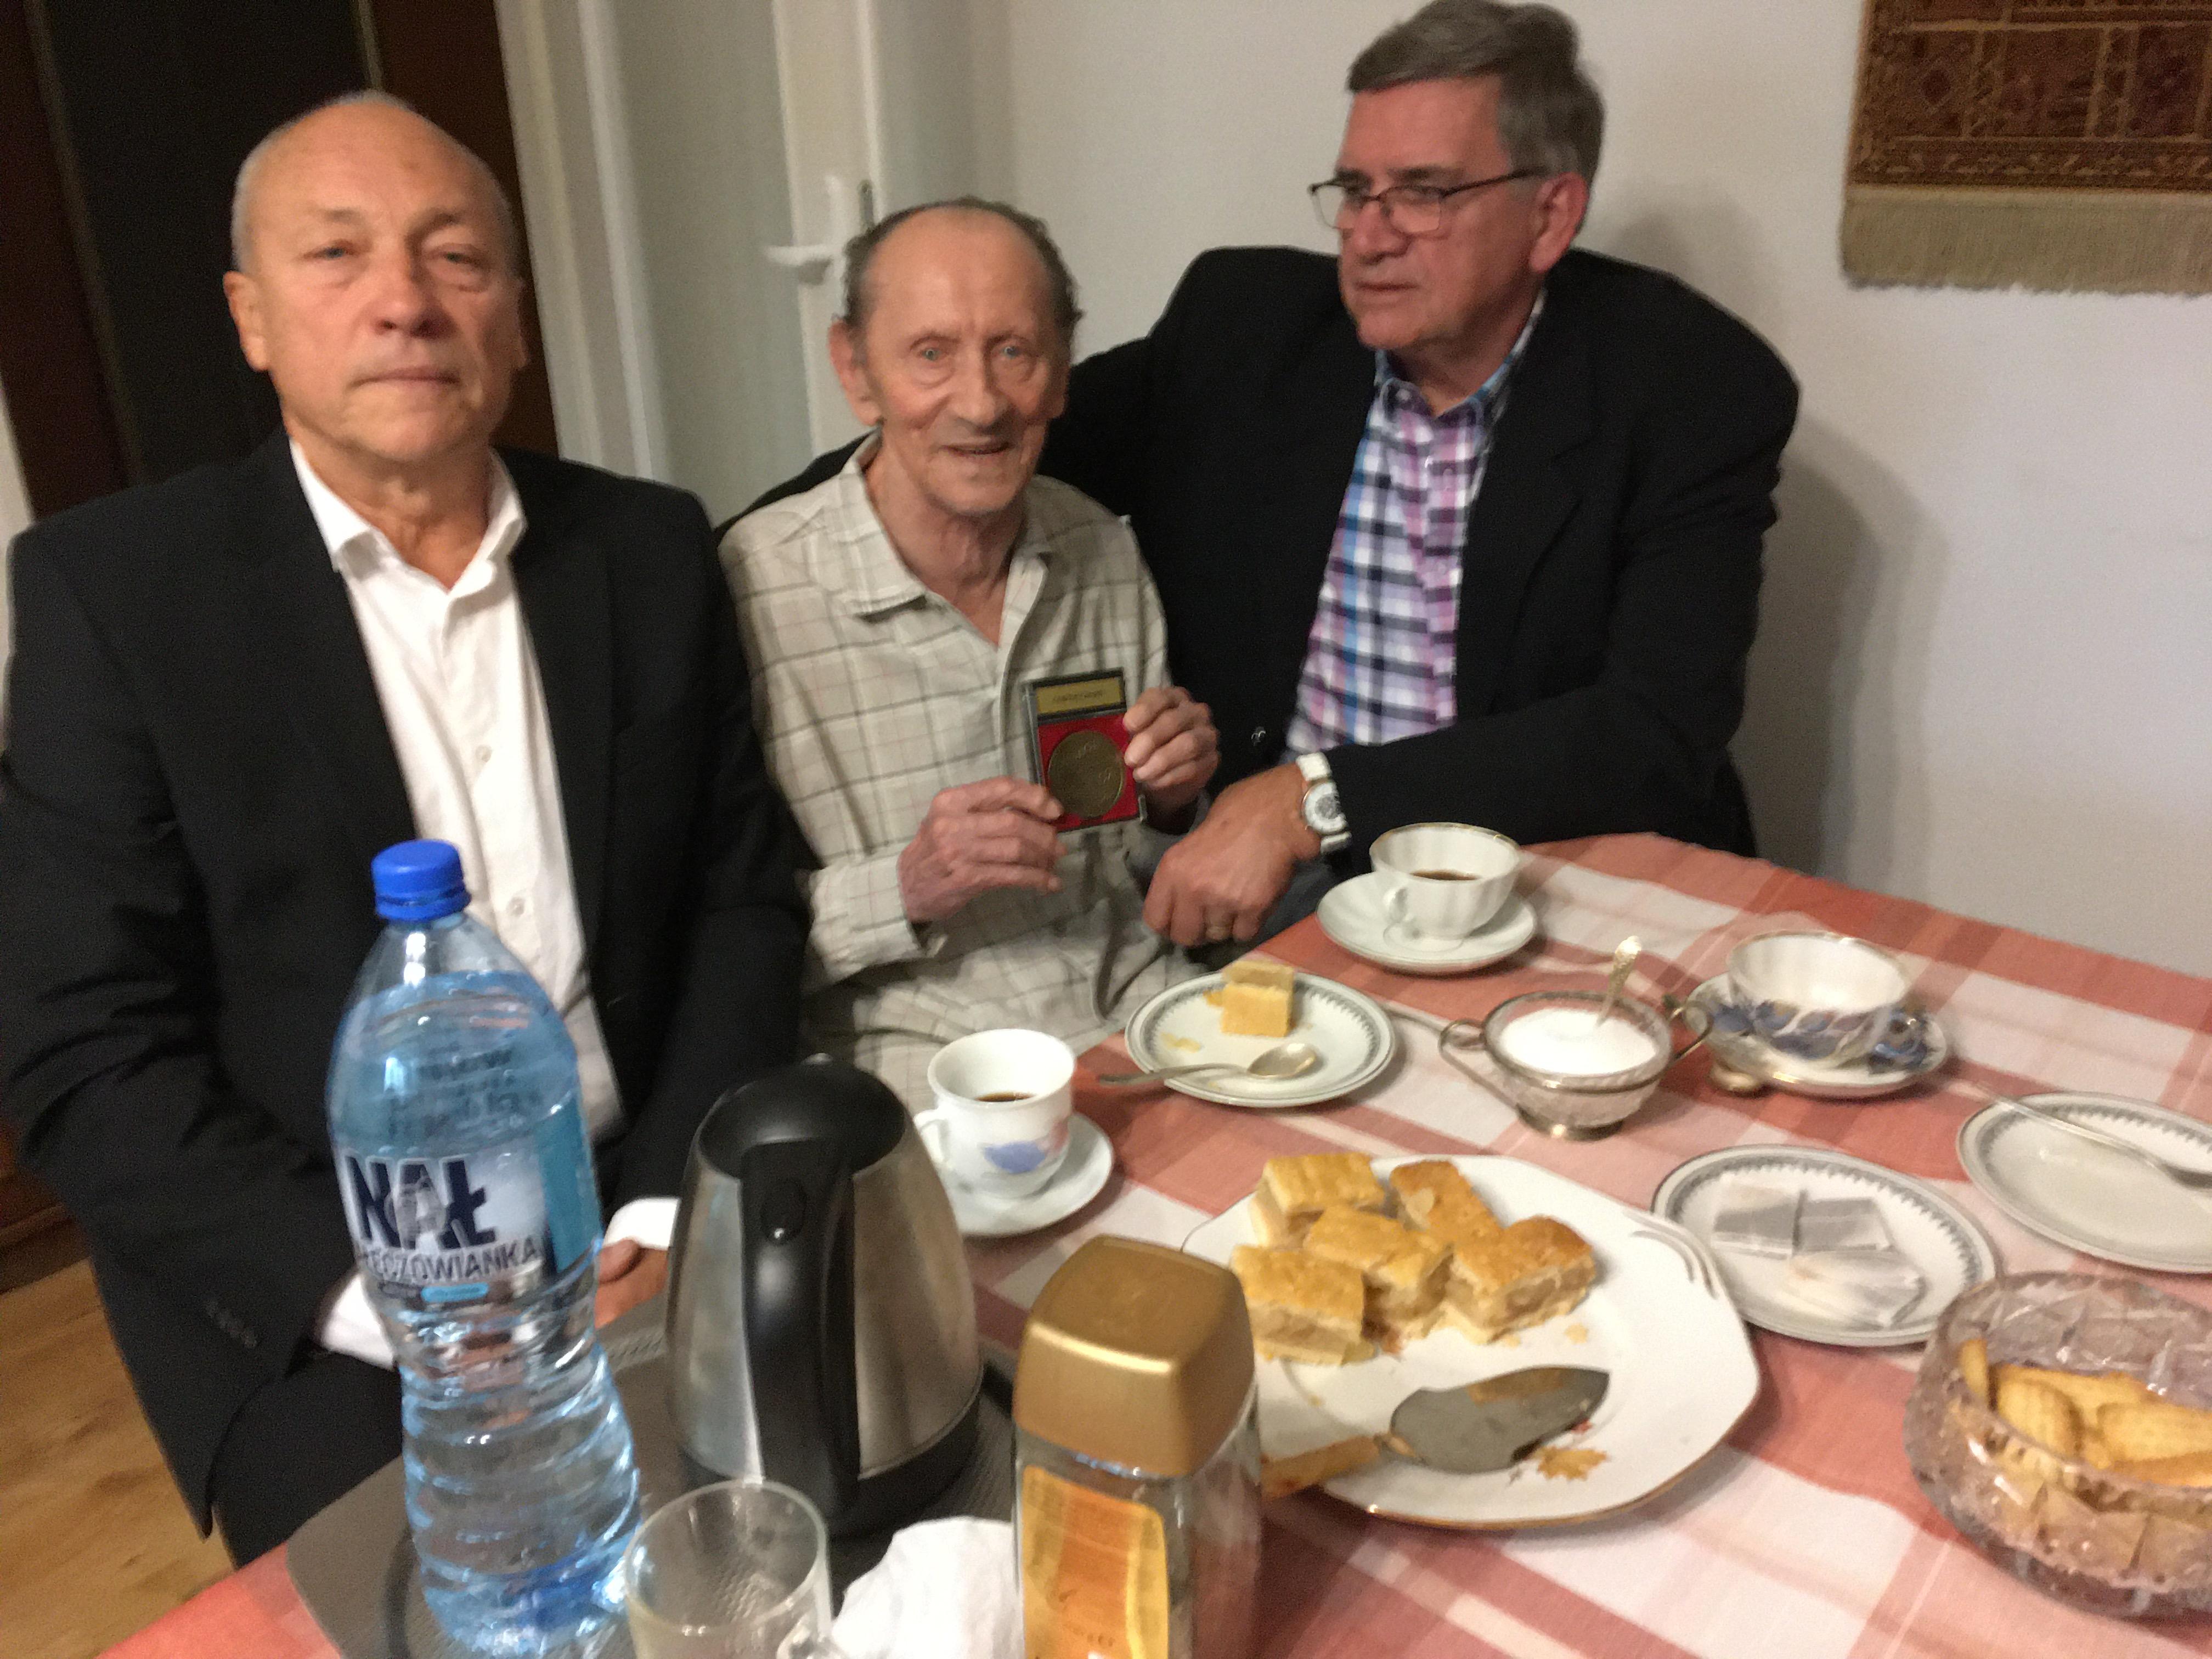 Z-medalem-w-środku-Andrzej-Gmochmatura-1951-po-prawej-Andrzej-22-Billu22-Nowakmatura-1964-po-lewej-Cezary-Grzelak-matura-1972-.